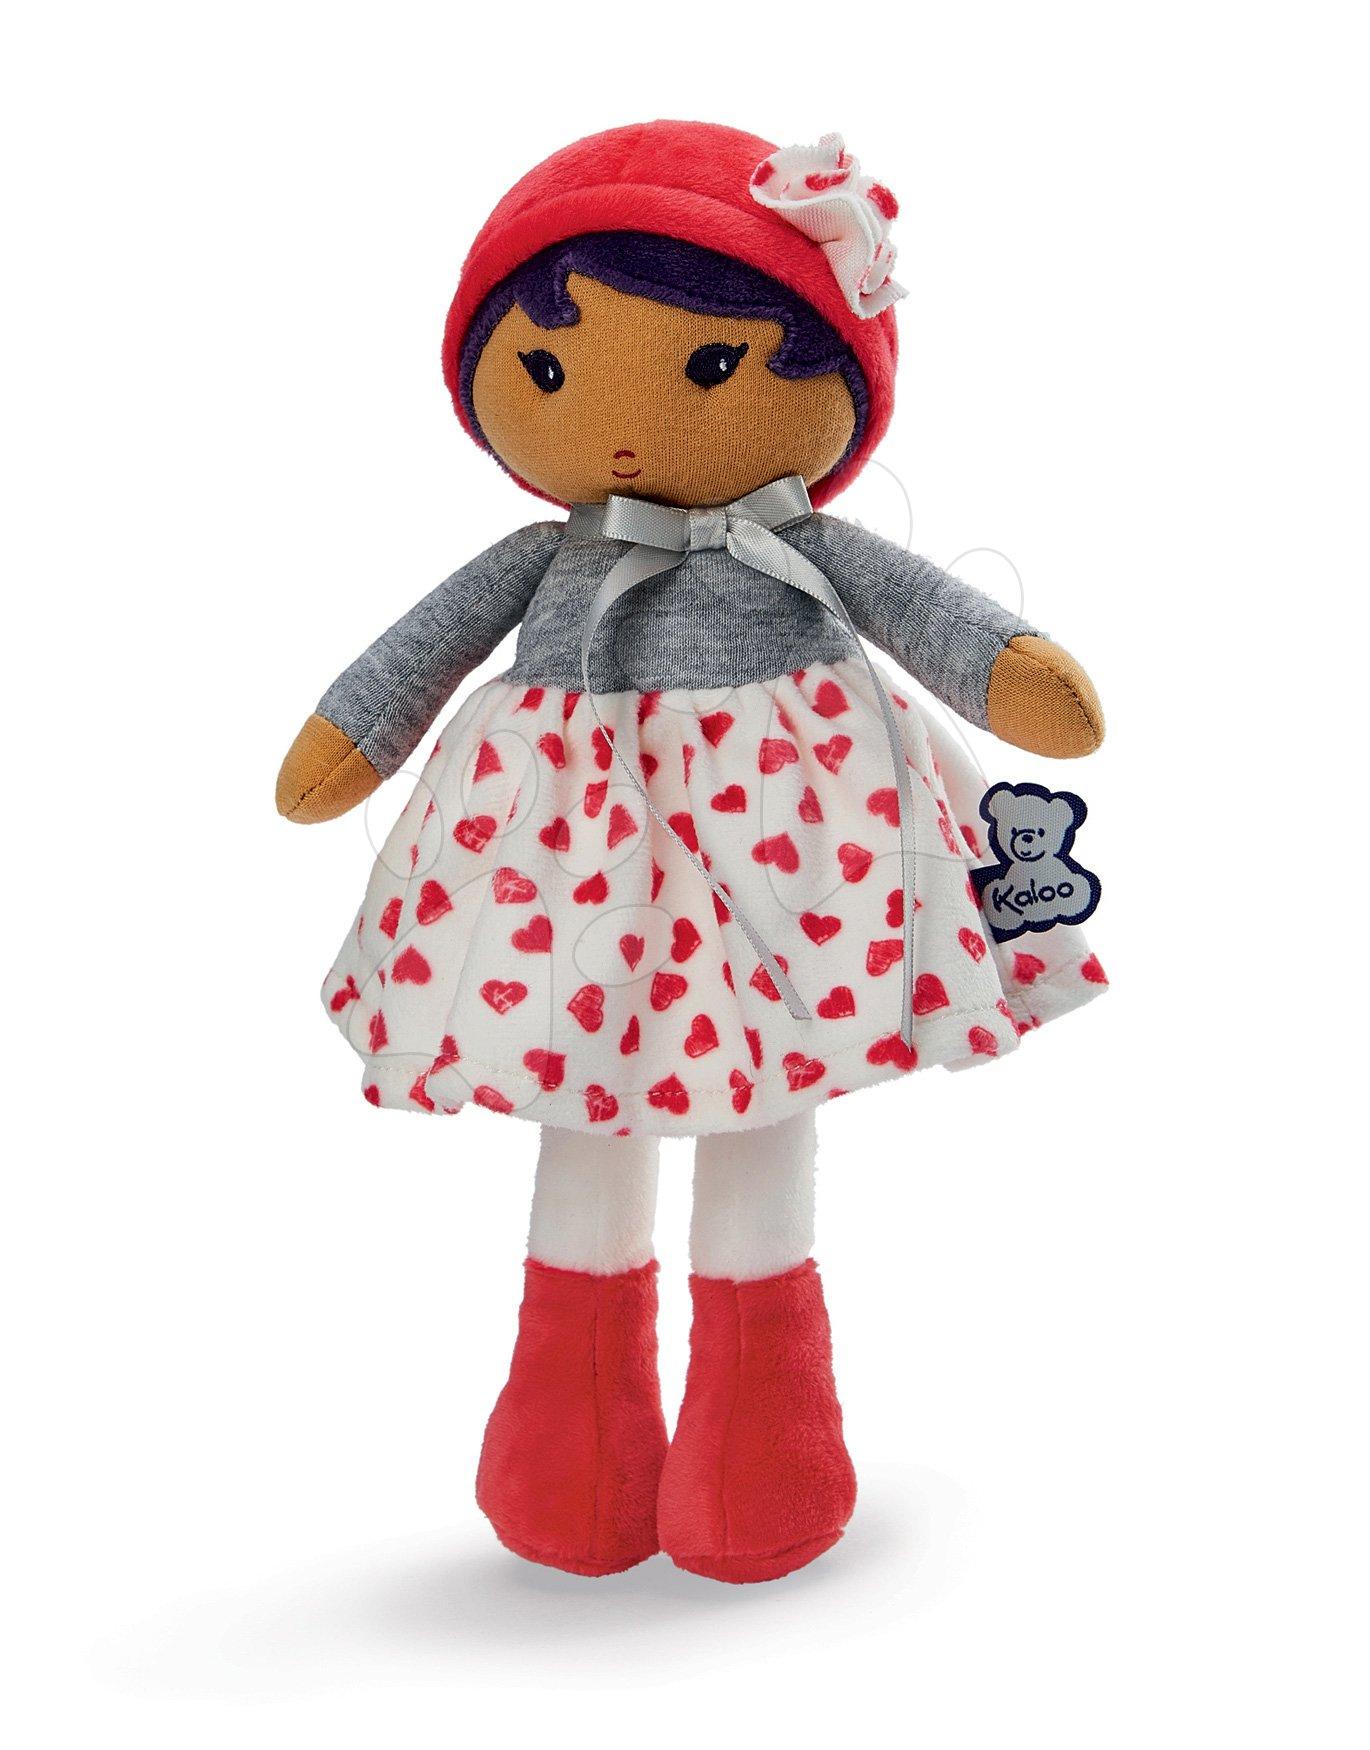 Bábika pre bábätká Jade K Tendresse Kaloo 25 cm v srdiečkových šatách z jemného textilu v darčekovom balení od 0 mes